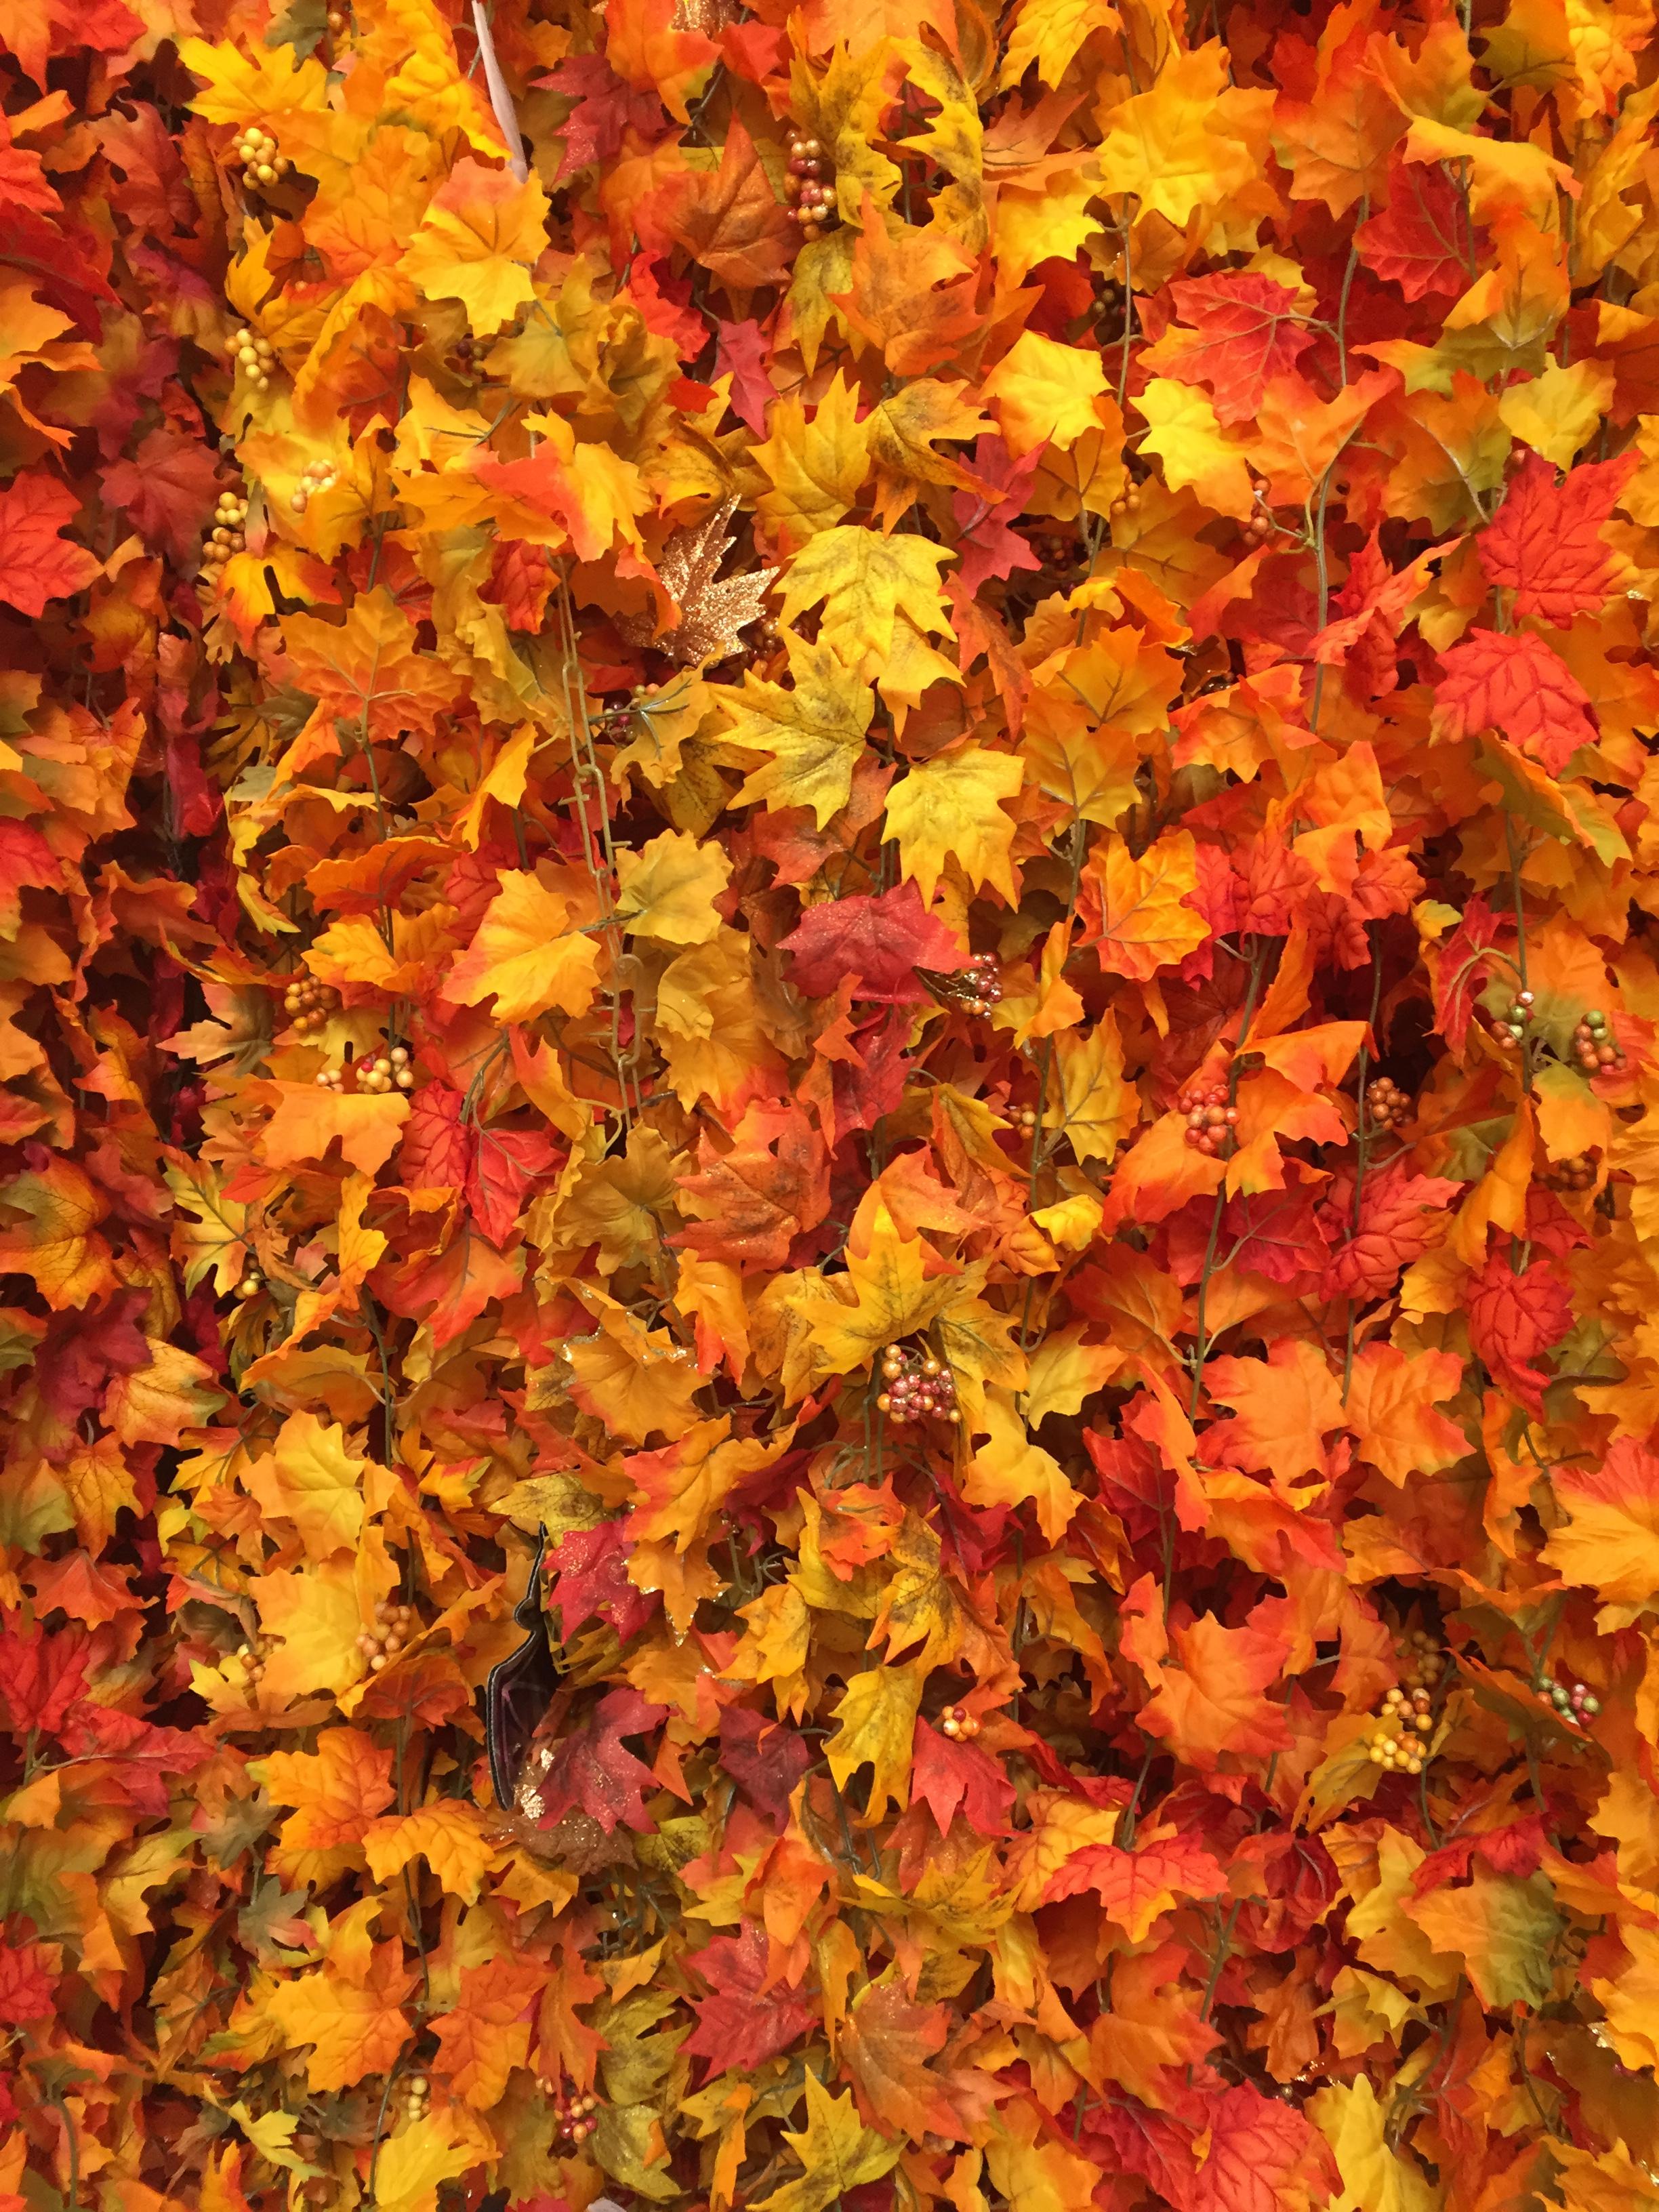 Fall Garland at Michael's